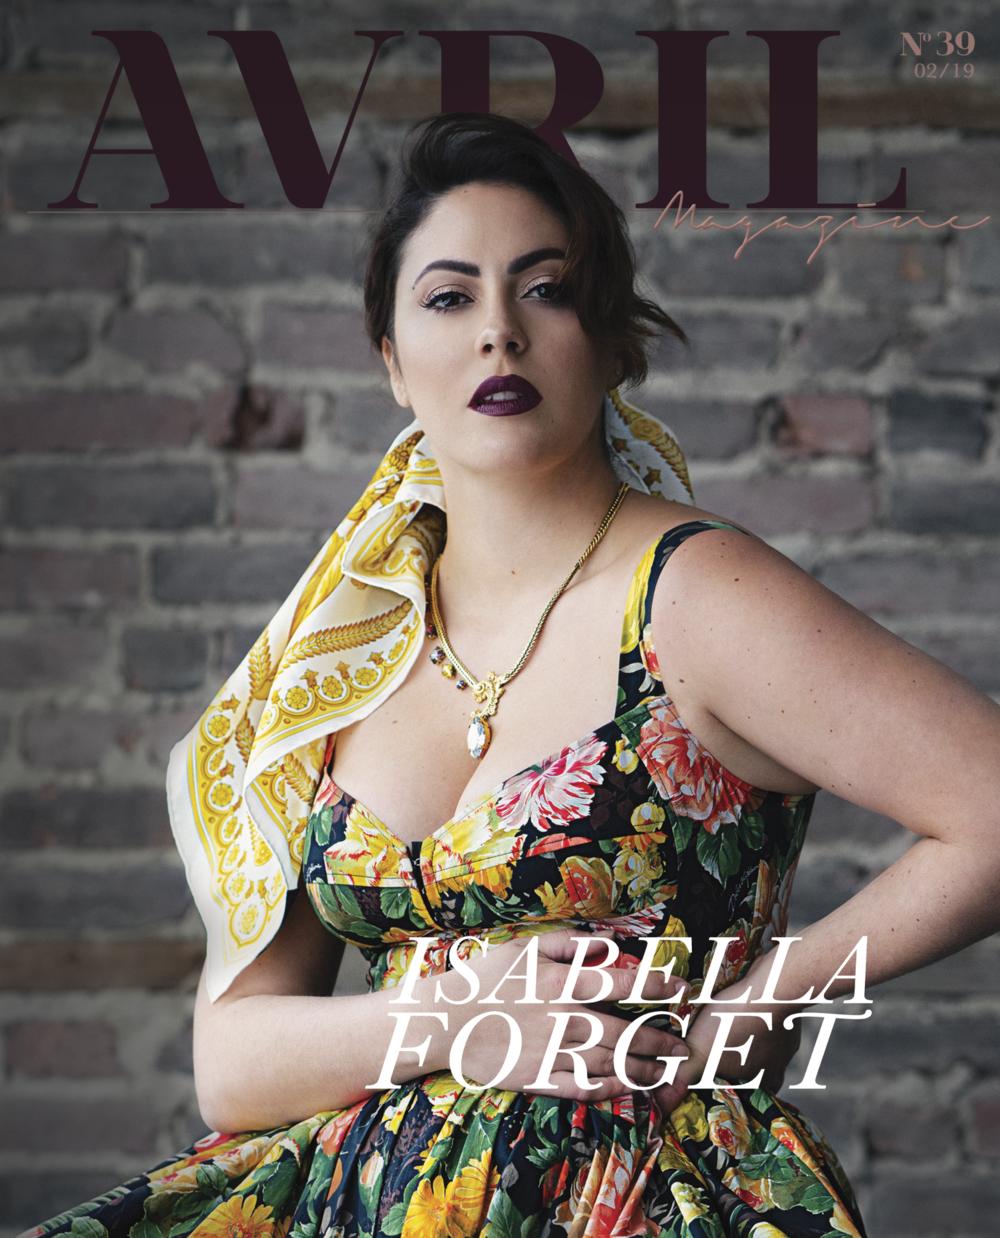 Photographe : Avril Franco | @avril.magazine  Stylisme par @justinegagnonstyliste  MUA : @aj.makeup  Robe : Dolce & Gabanna de chez @holtrenfrew  Foulard : Versace de chez @holtrenfrew  Collier : @boutique1861